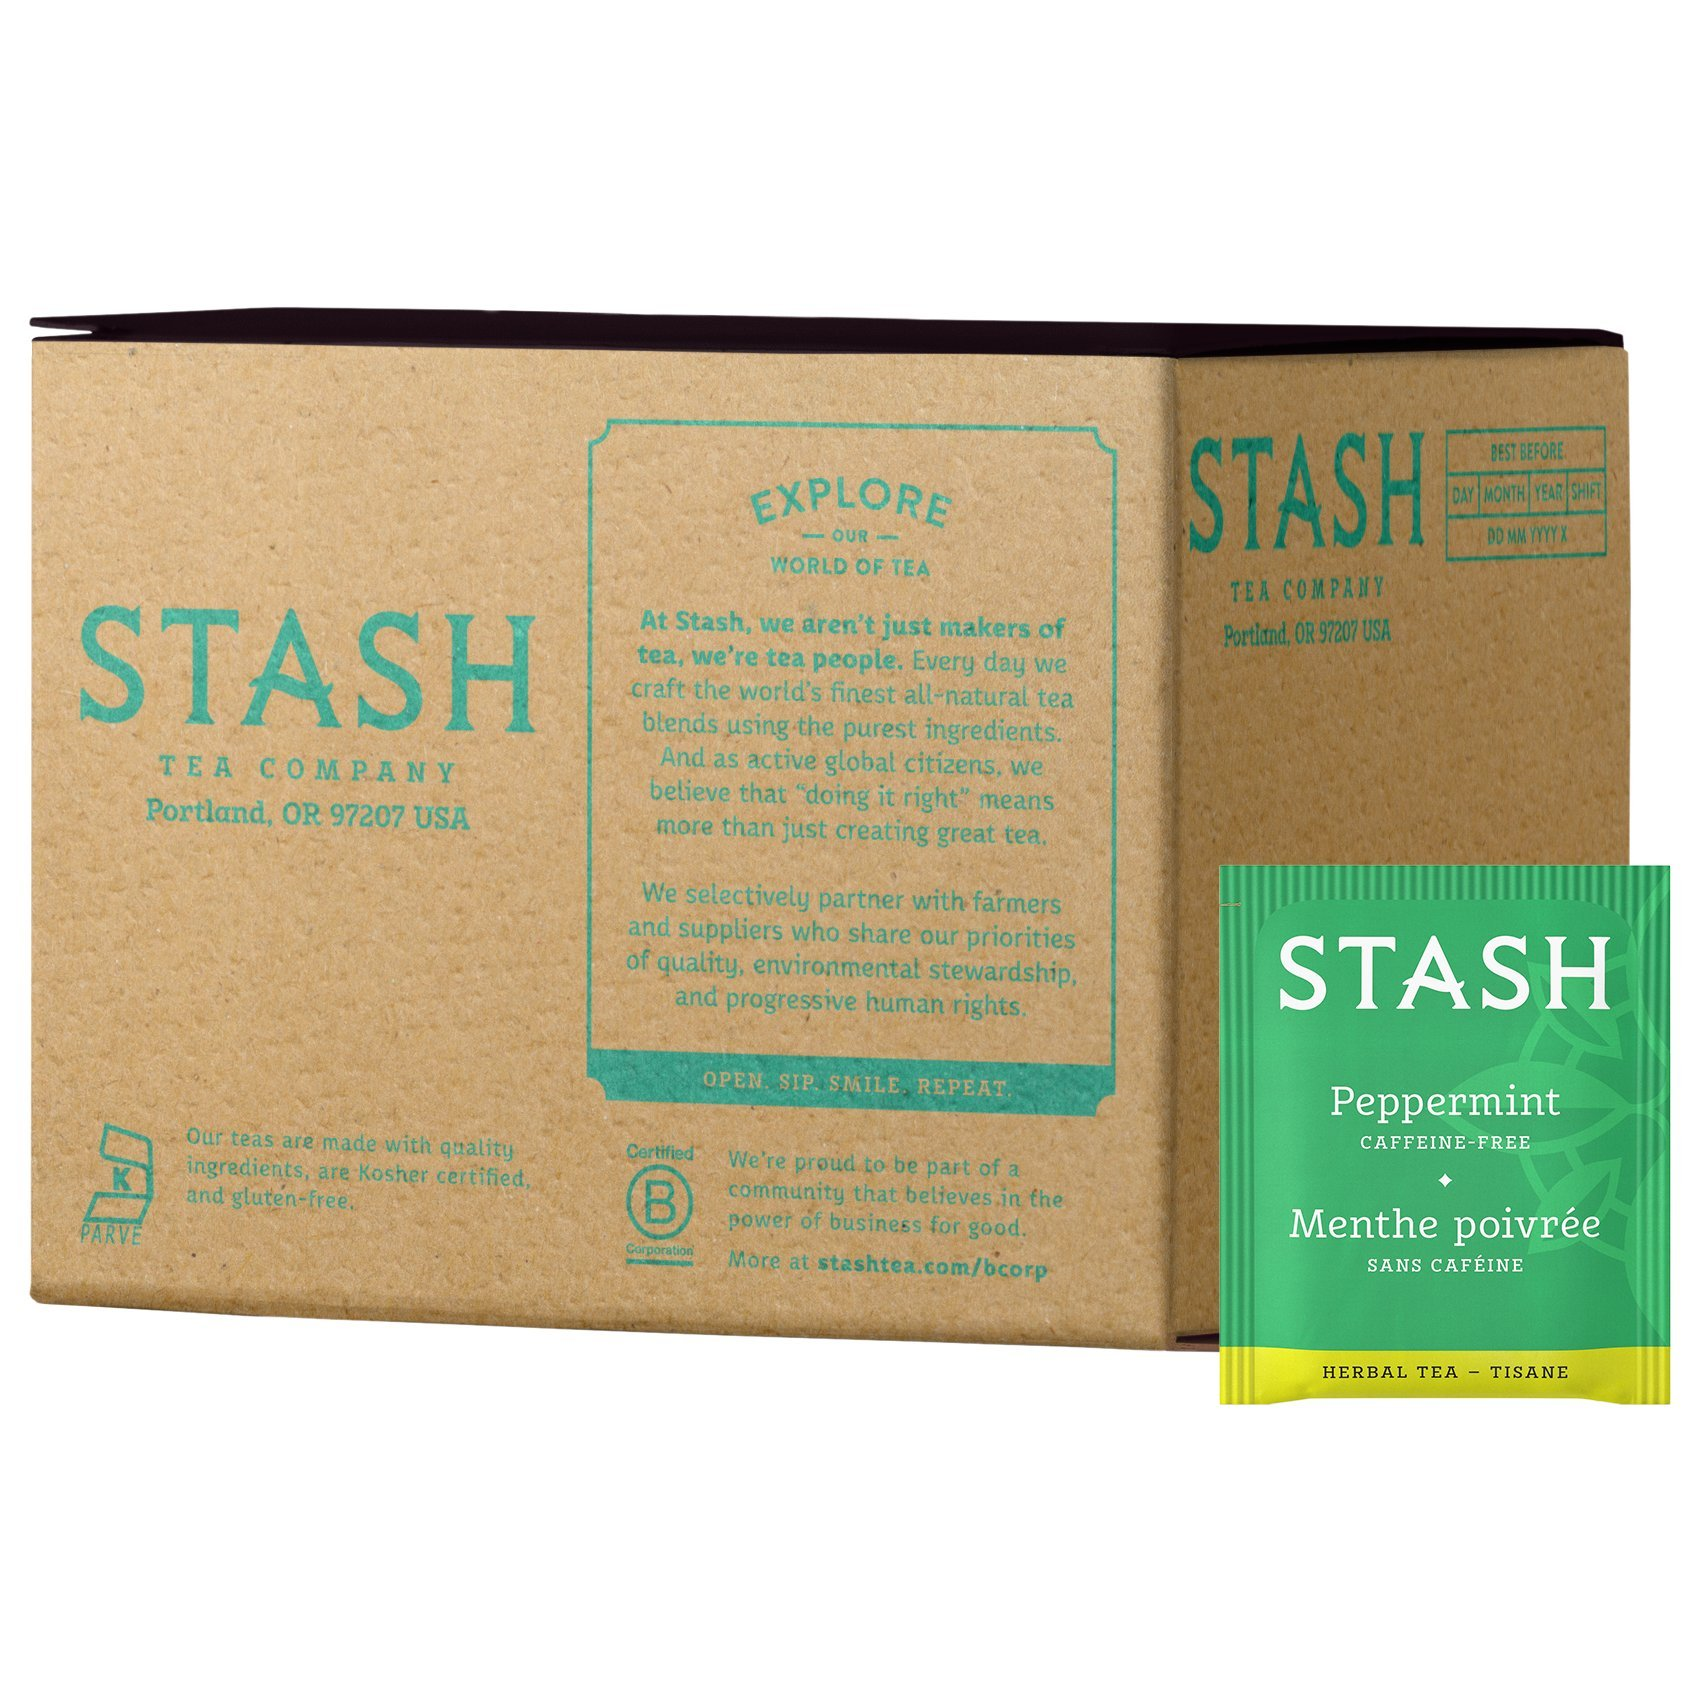 Stash Tea Peppermint Herbal Tea 100 Count Box of Tea Bags, Premium Herbal Tisane, Minty Refreshing Herbal Tea, Enjoy Hot or Iced by Stash Tea